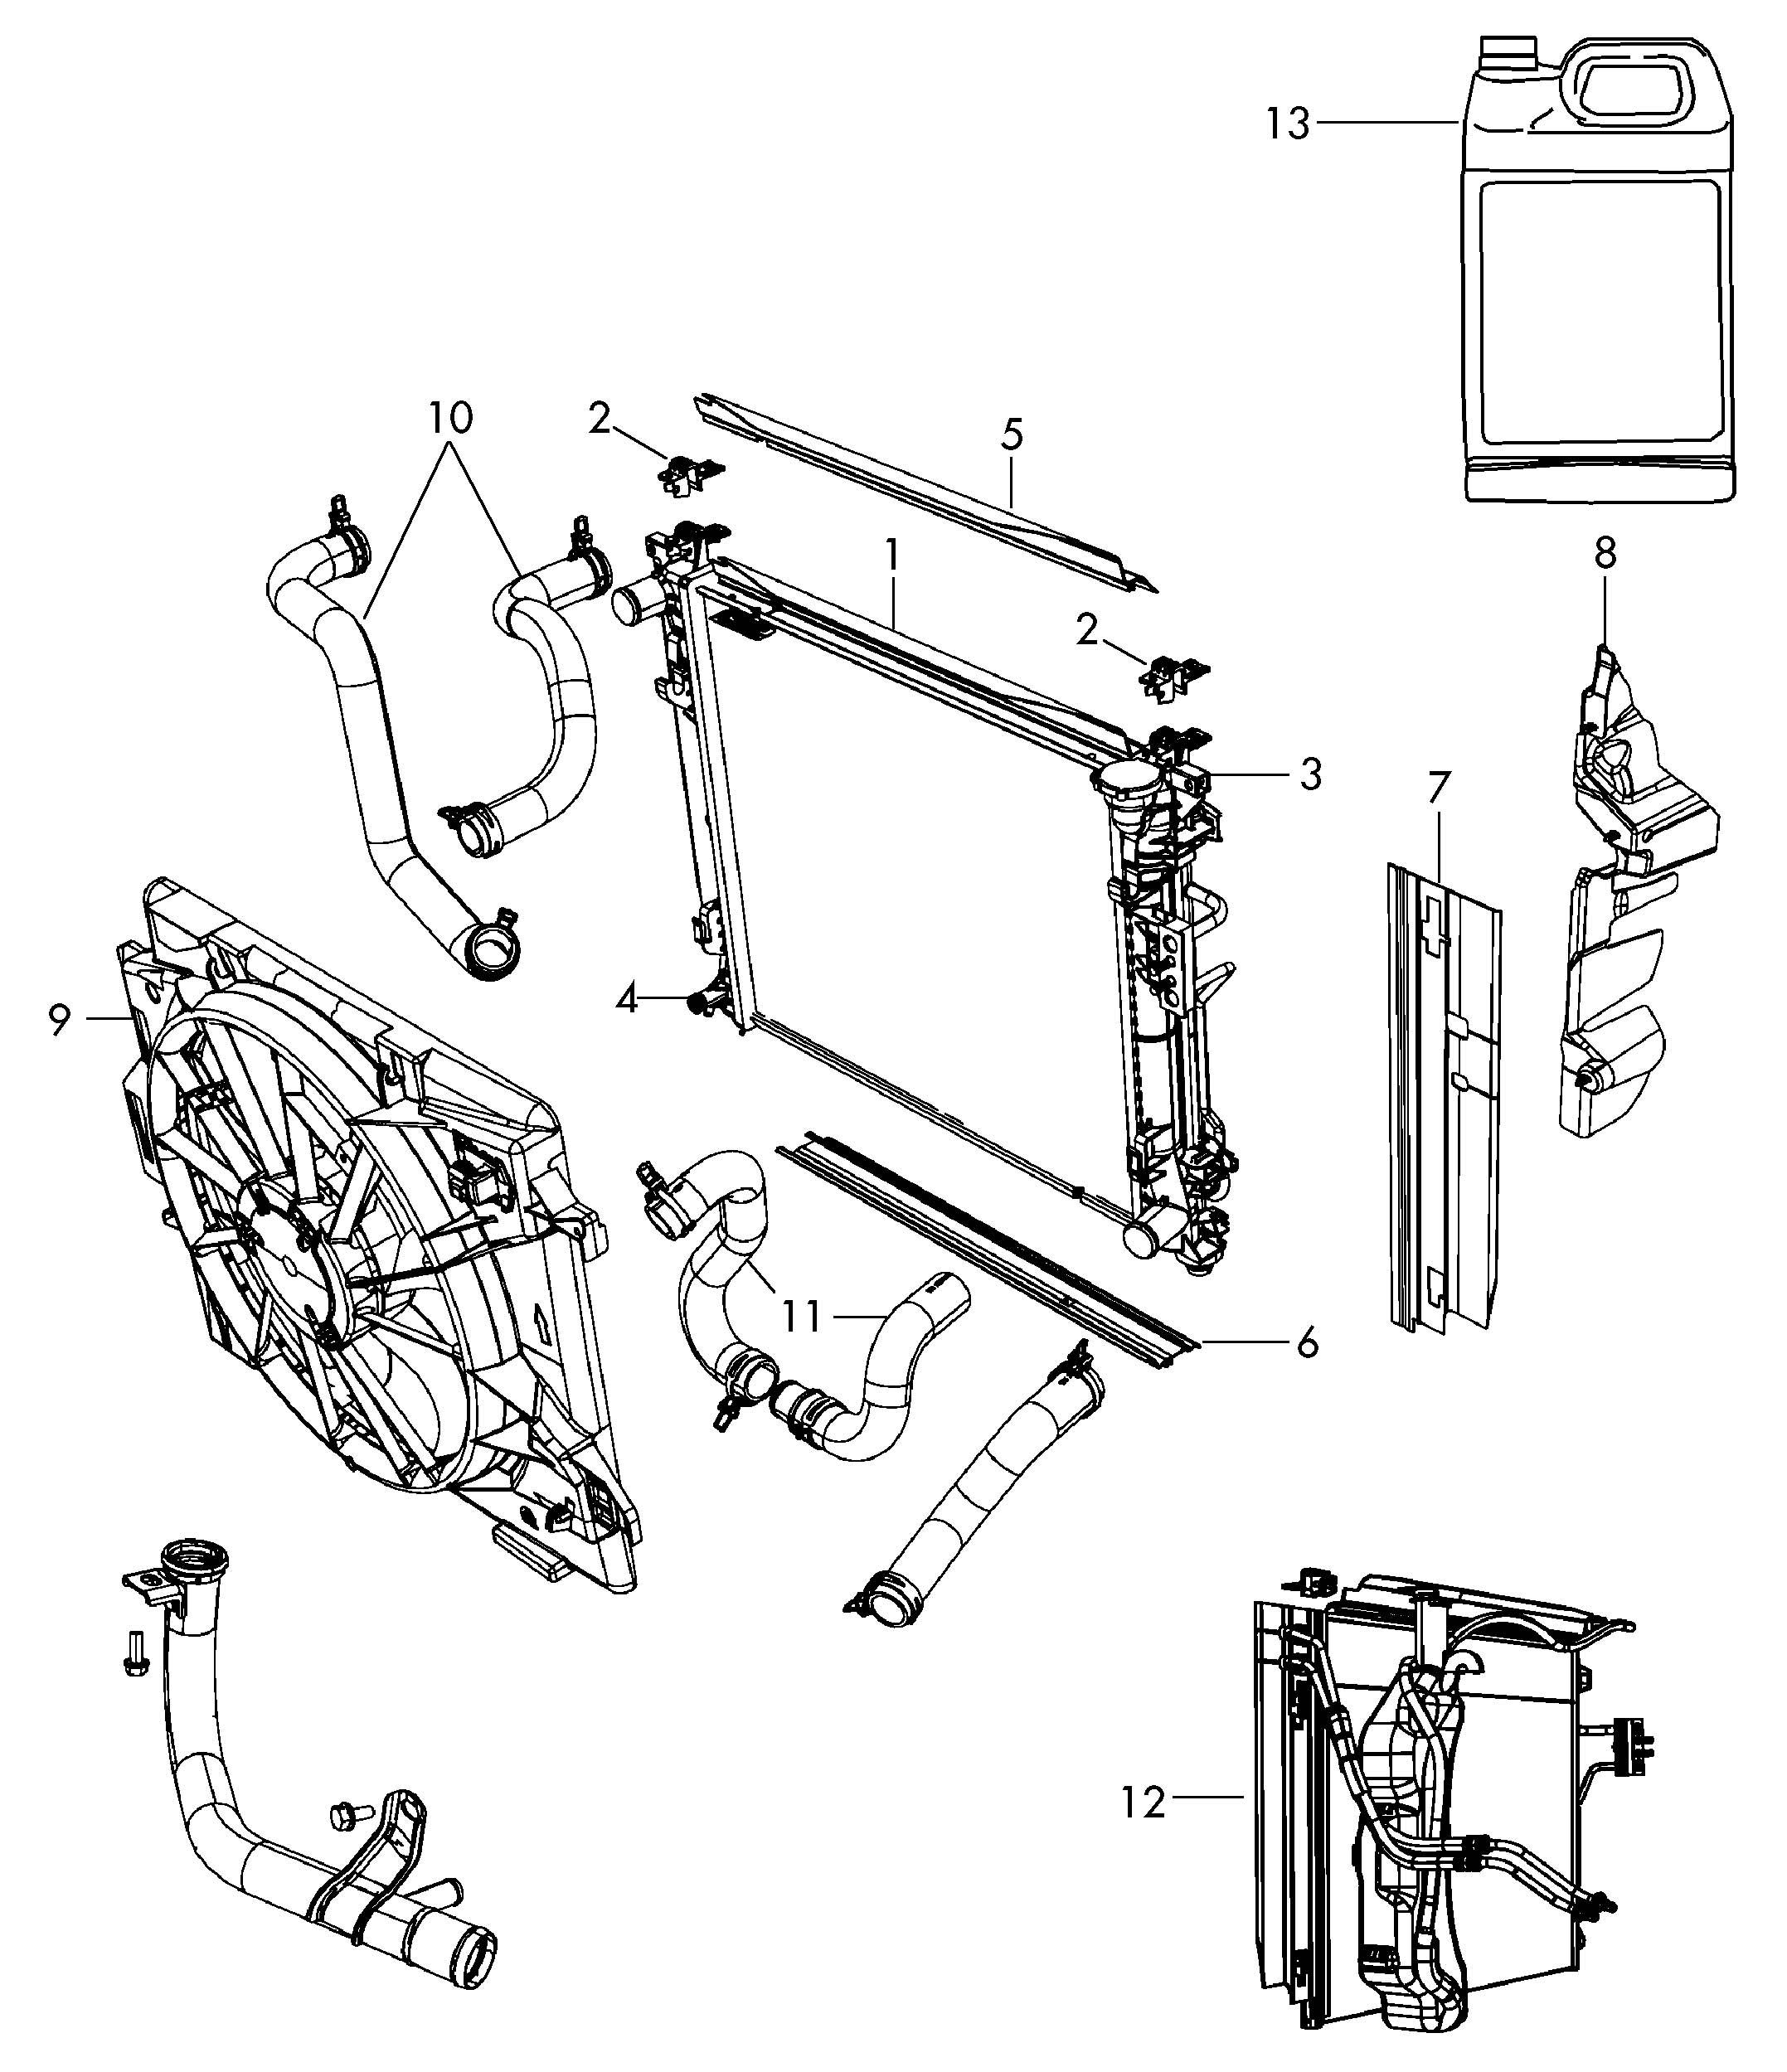 Volkswagen Beetle Radiator Drain Plug, Volkswagen, Free